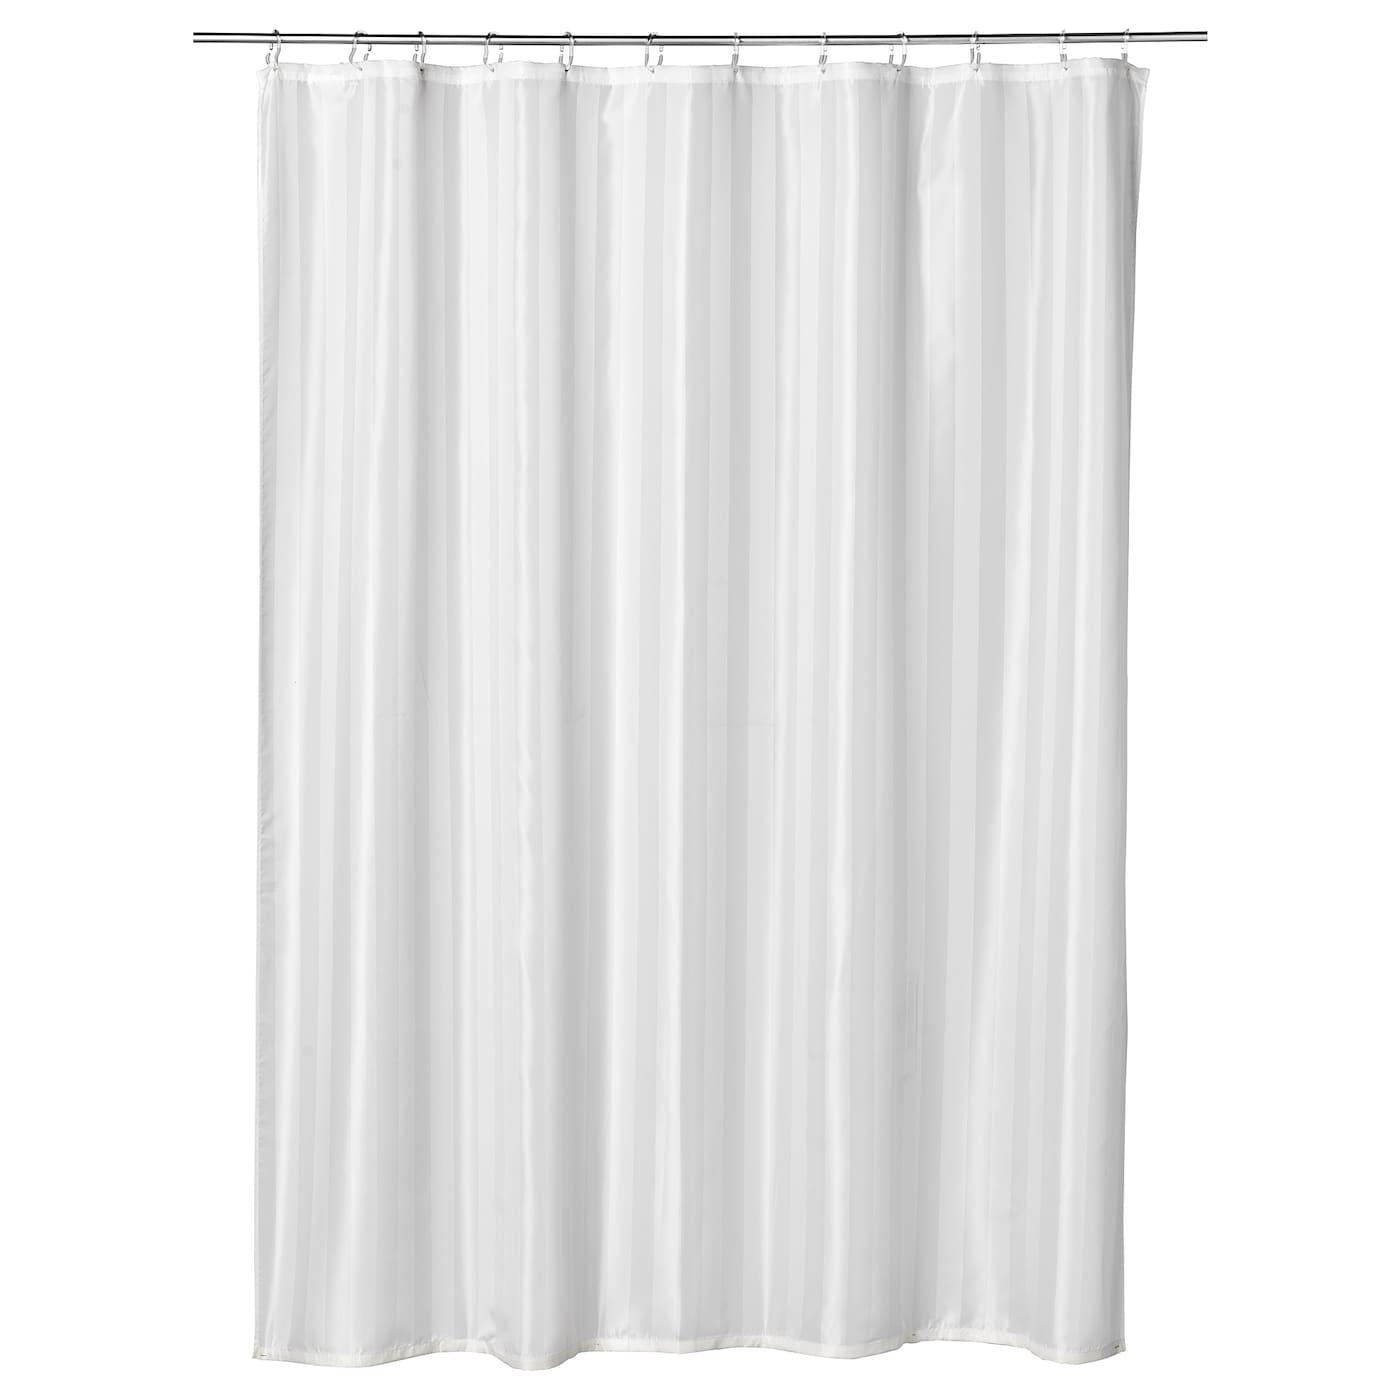 Saltgrund cortina ducha blanco 180 x 200 cm ikea - Cortina ducha ikea ...